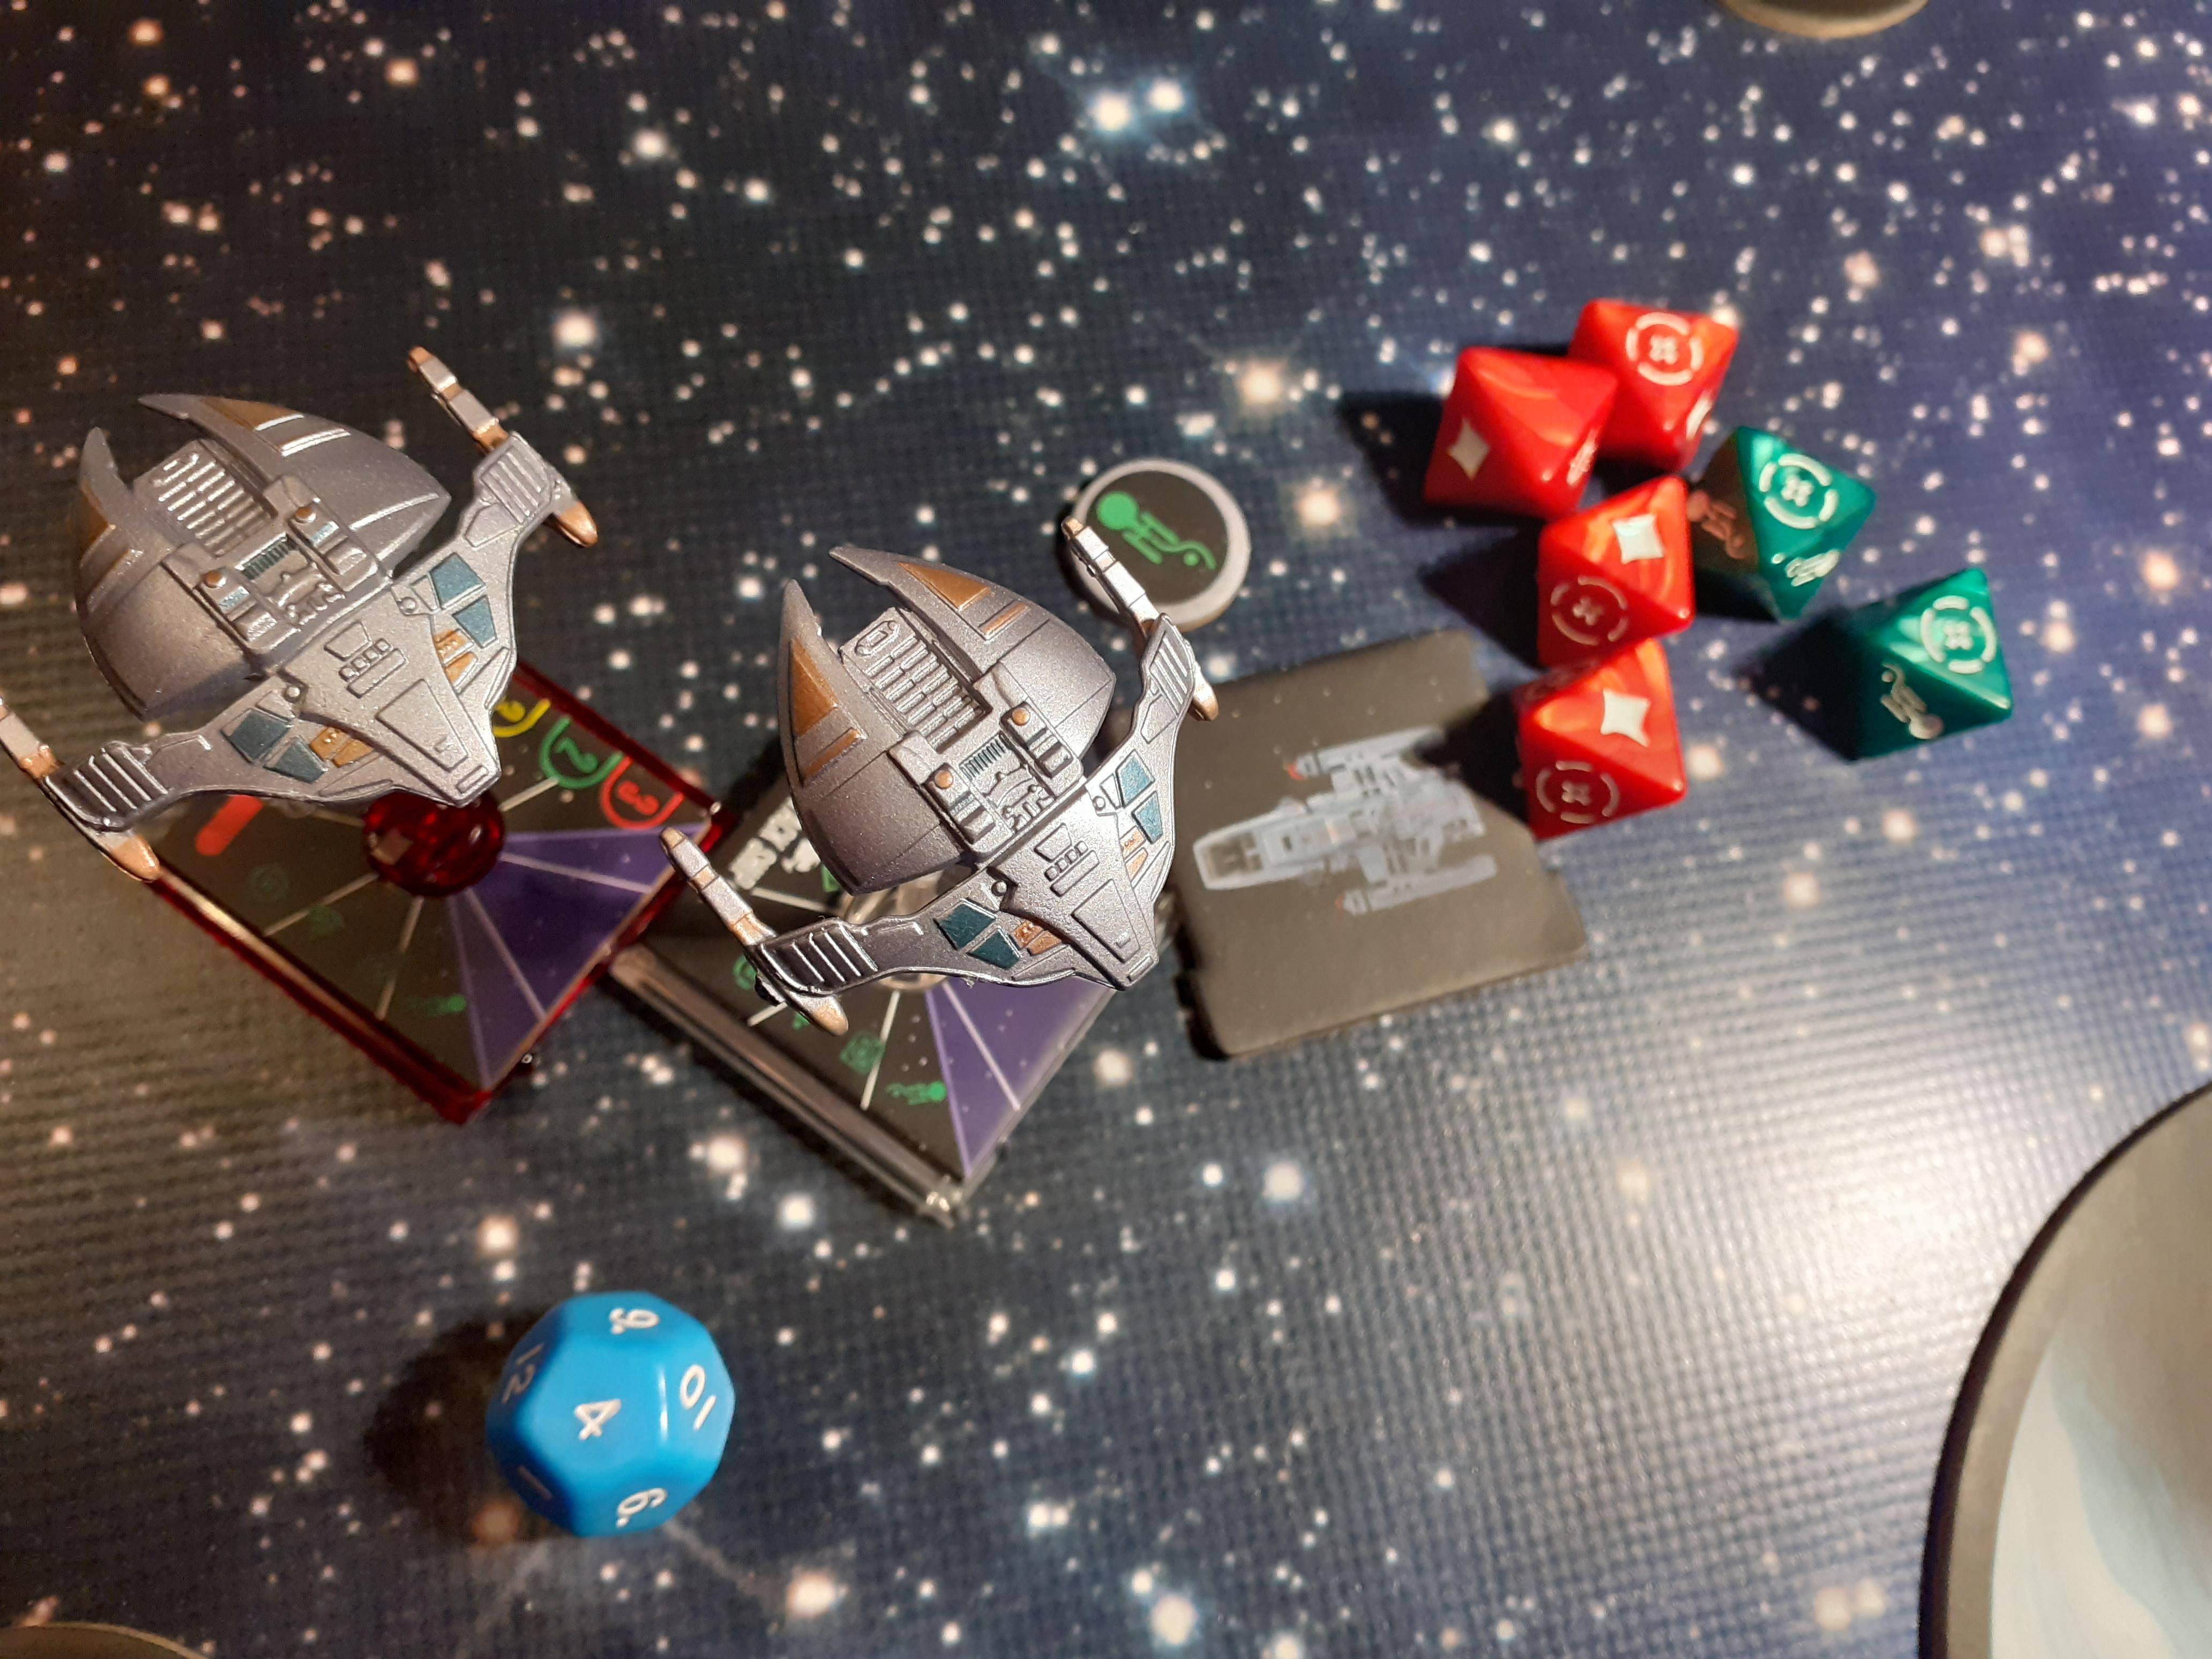 [Star Trek Alliance - Dominion War Campaign I] Computerlogbuch der Solo-Kampagne von Commander Cut  20210403_014644